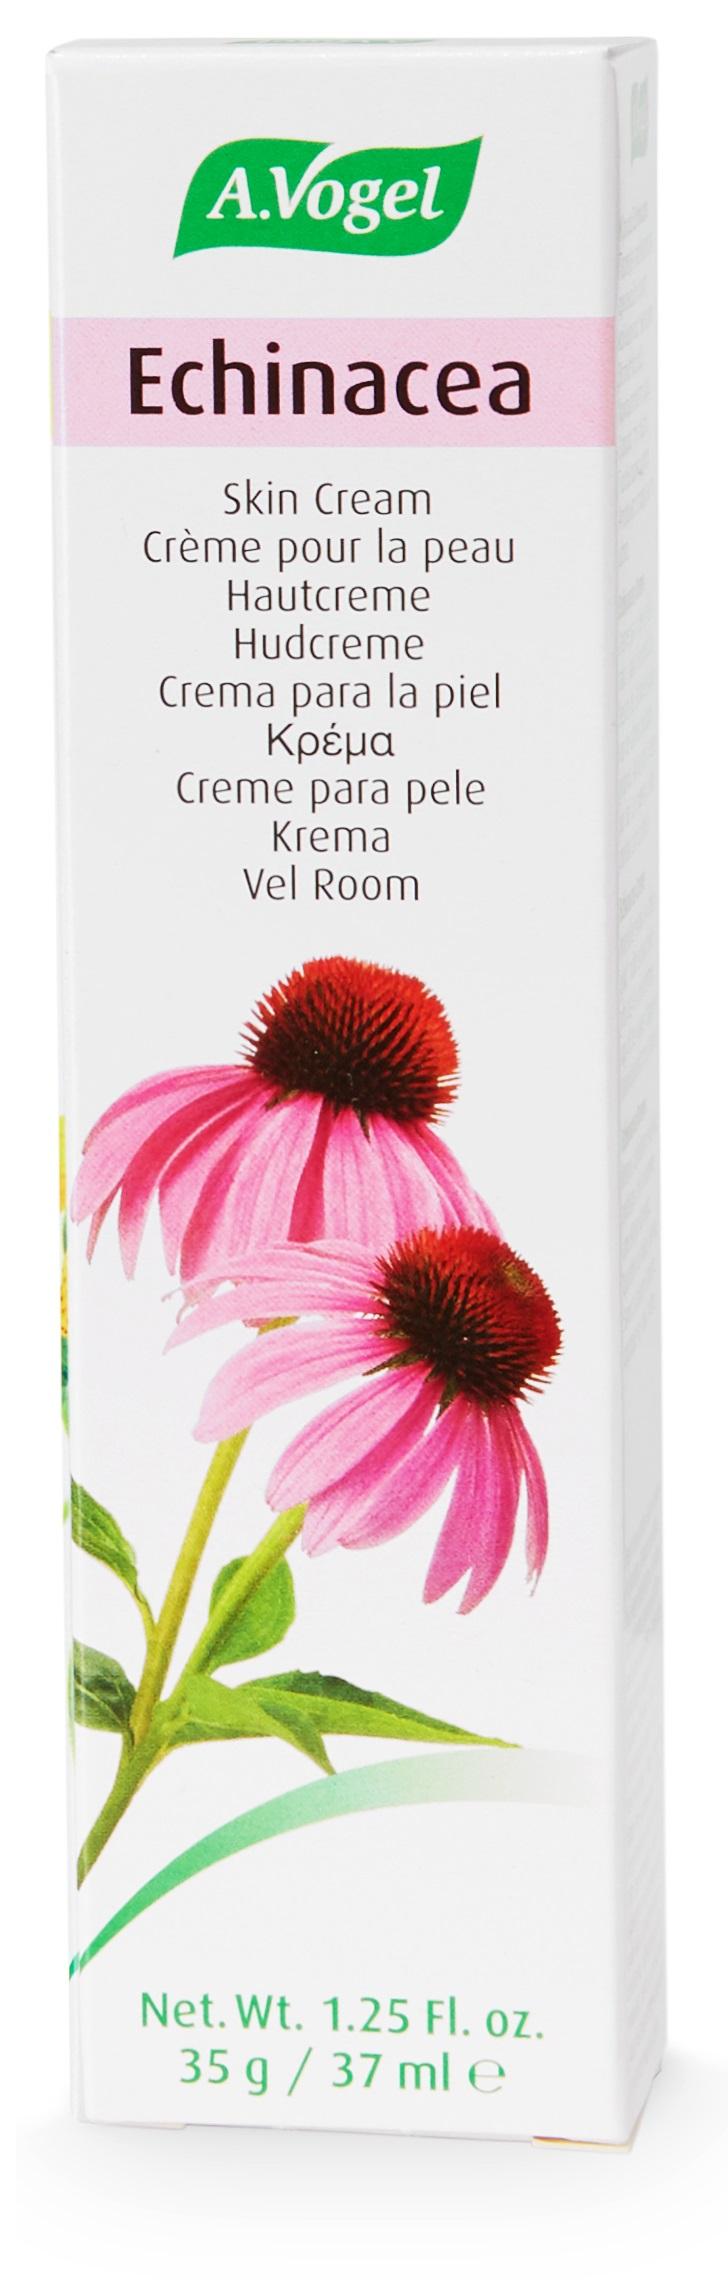 Image of A.Vogel Echinacea Creme - 35 Gram